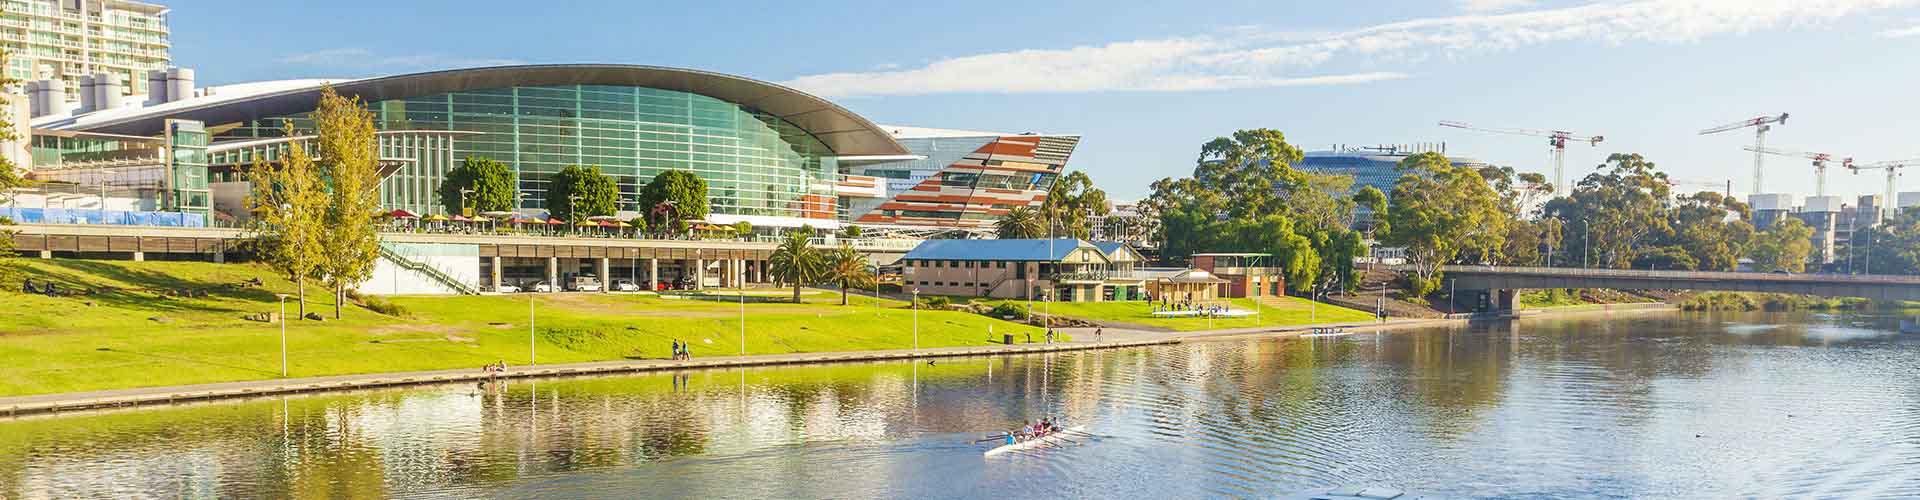 Adelaide – Huoneistot kohteessa Adelaide. Adelaide -karttoja, valokuvia ja arvosteluja kaikista Adelaide -huoneistoista.